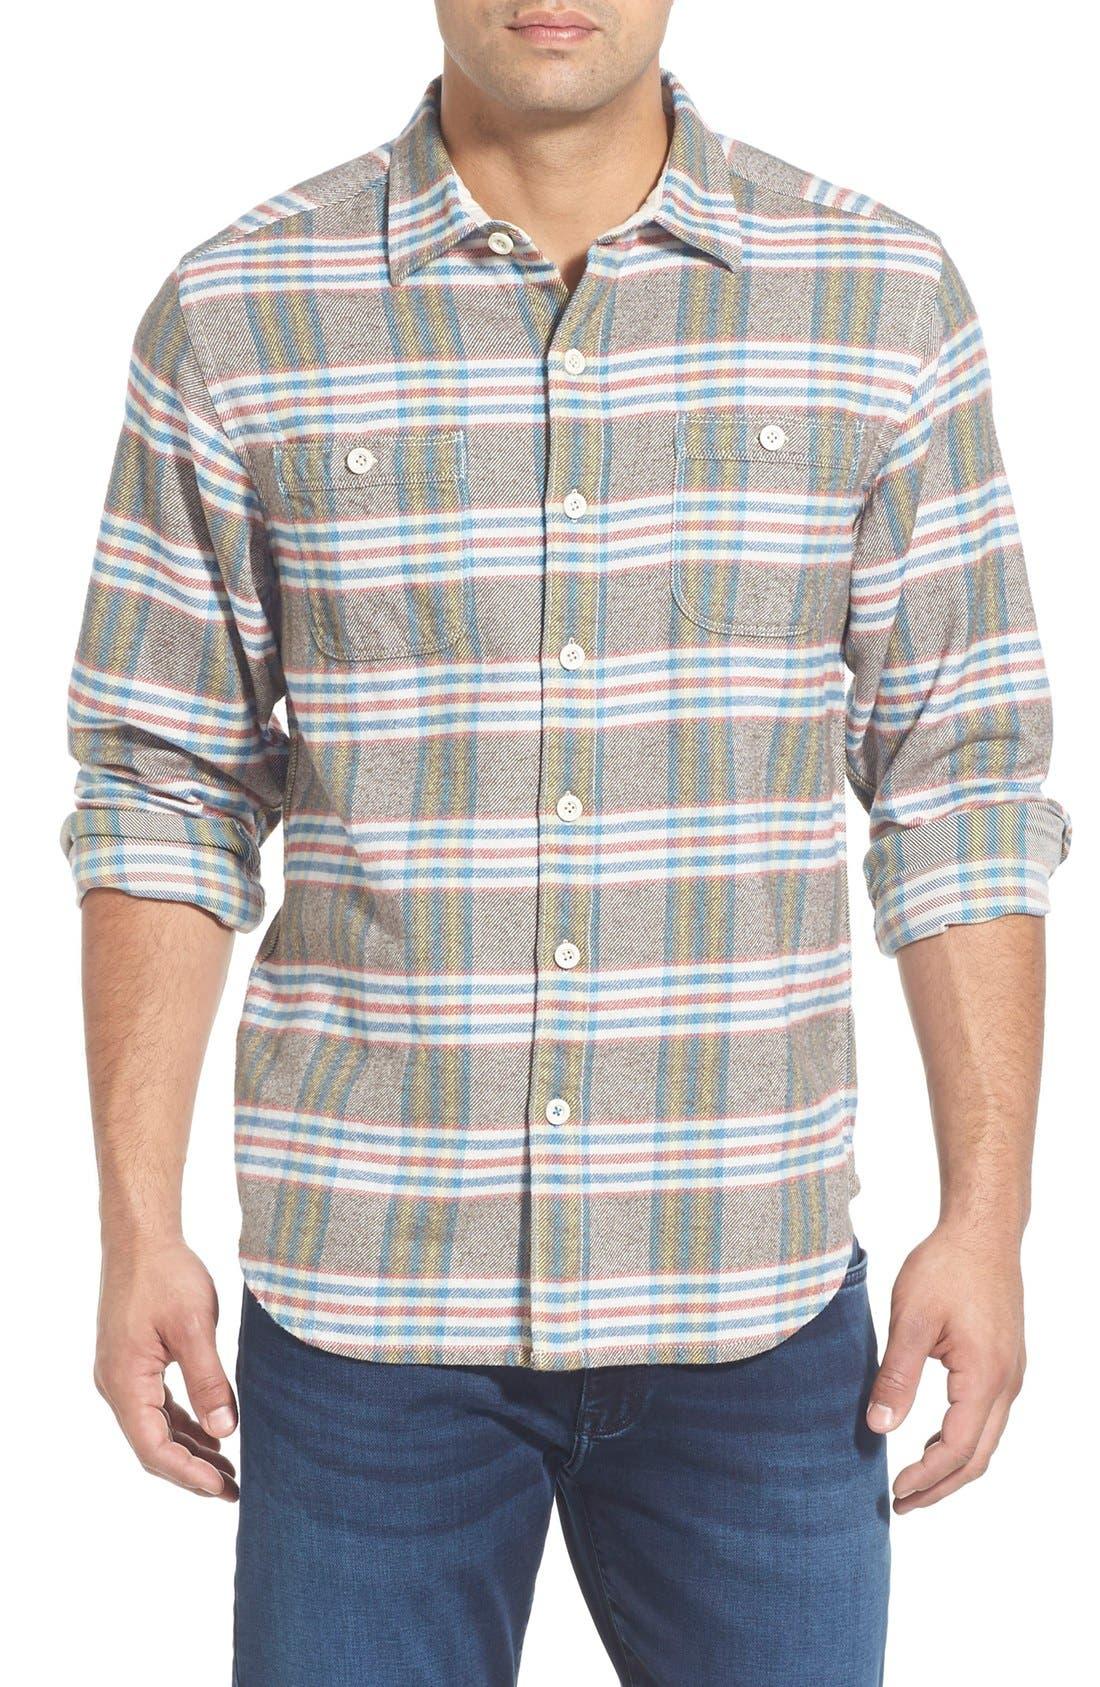 'Flannel Time' Original FitPlaid Flannel Shirt,                             Main thumbnail 1, color,                             200